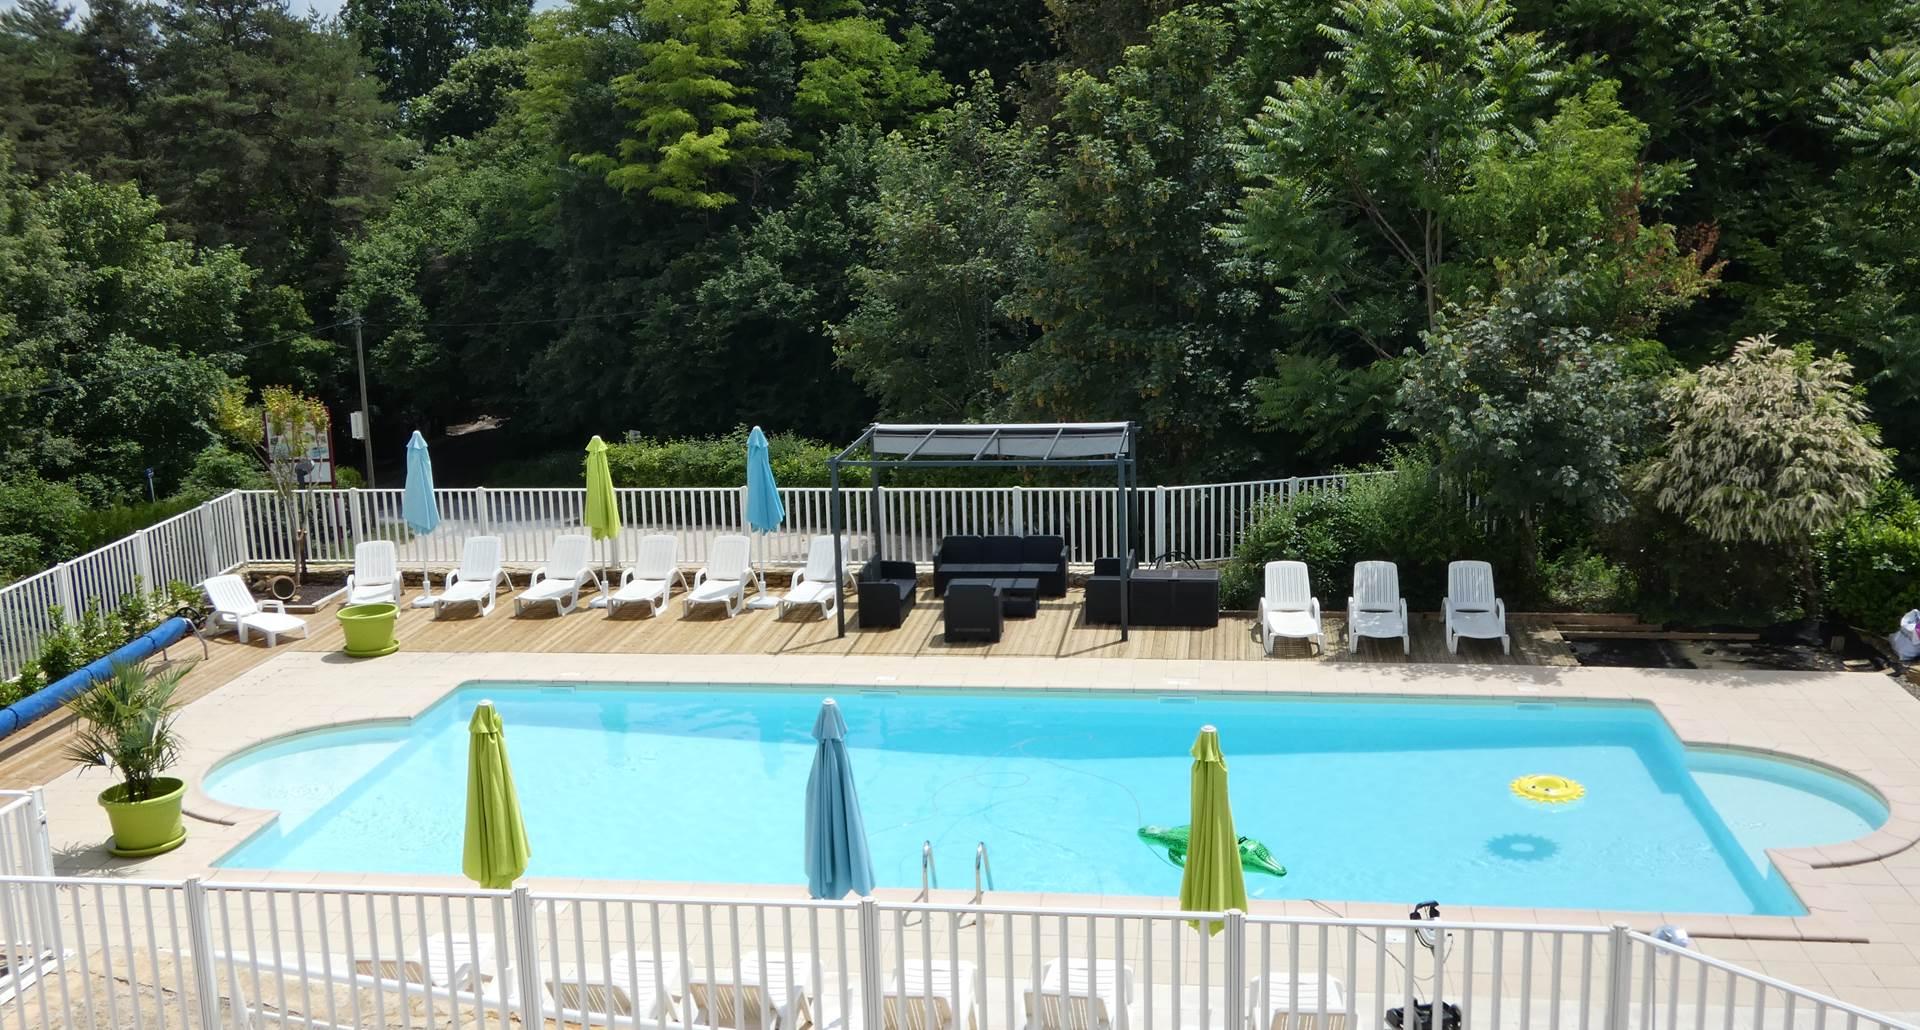 Votre espace piscine avec transats et pataugeoire